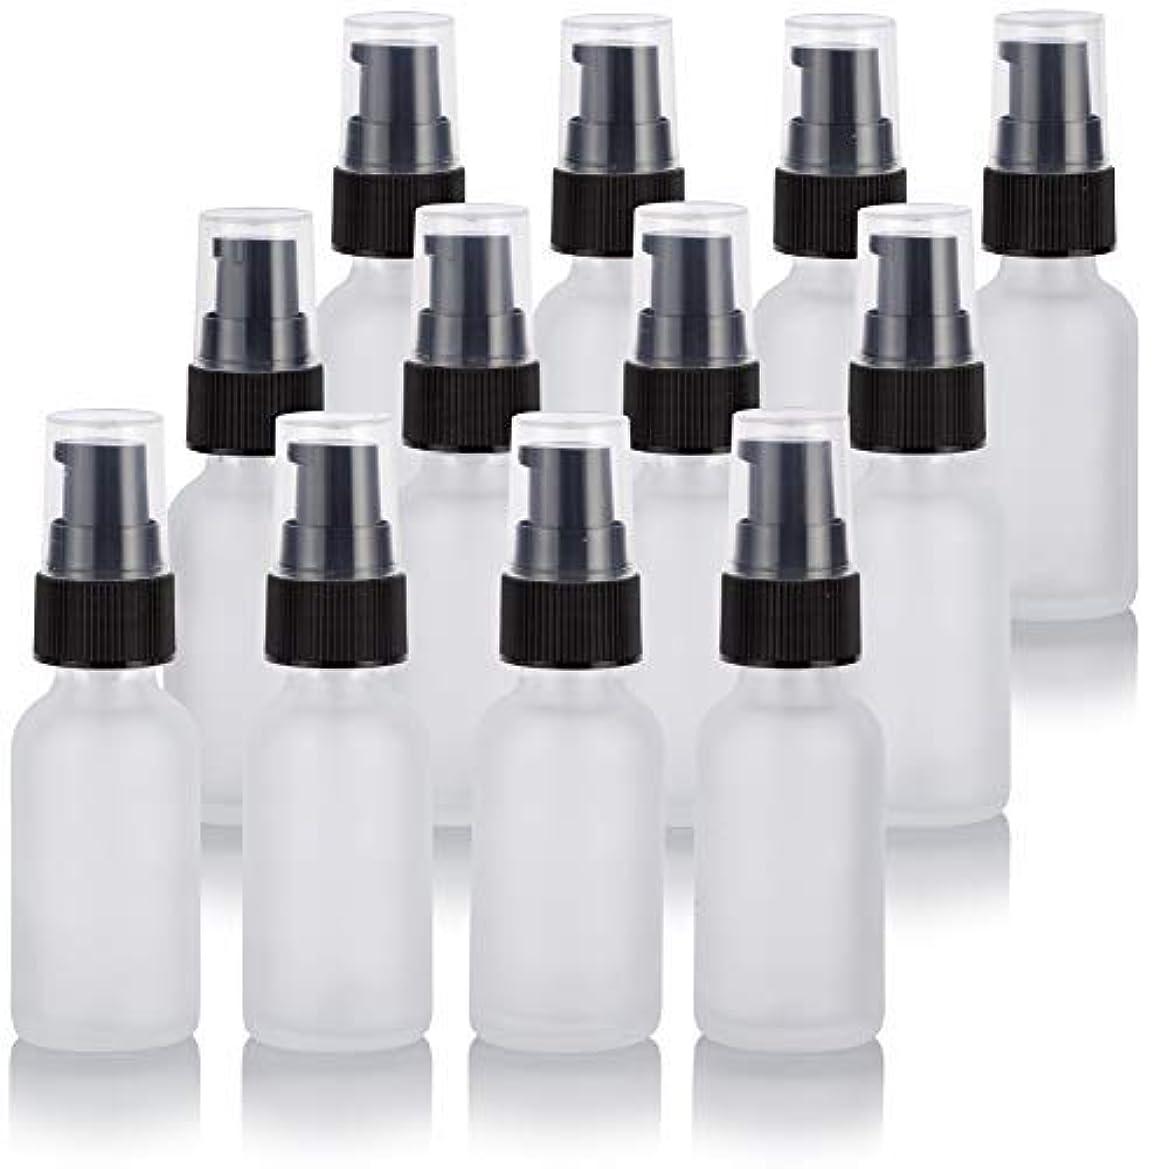 魔術収まる空港1 oz Frosted Clear Glass Boston Round Treatment Pump Bottle (12 Pack) + Funnel for Cosmetics, serums, Essential Oils, Aromatherapy, Food Grade, bpa Free [並行輸入品]